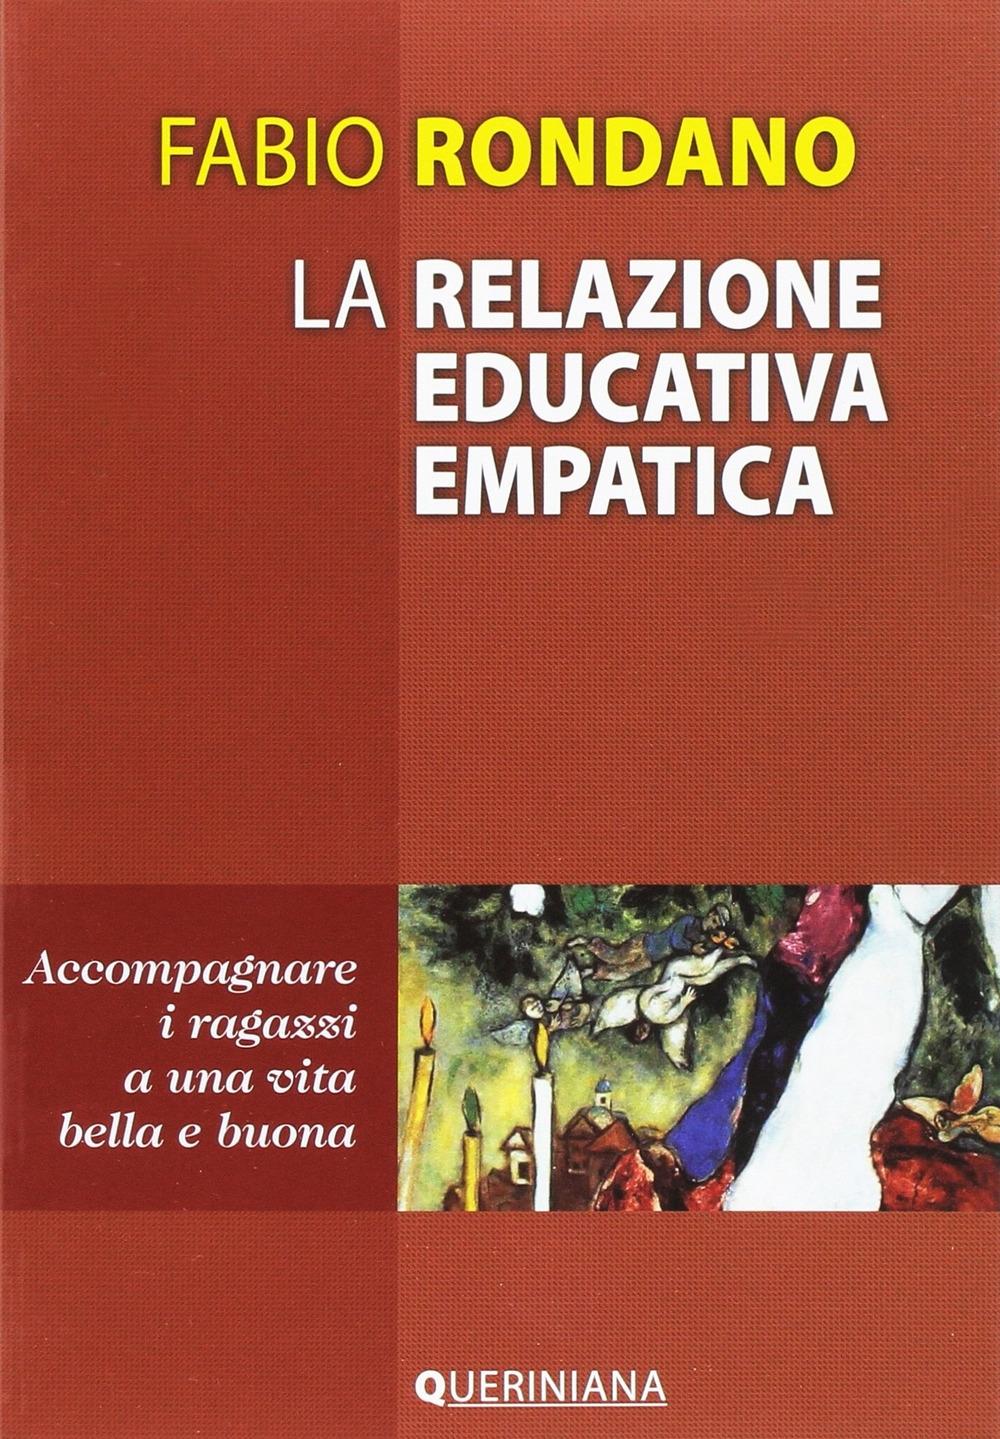 La relazione educativa empatica. Accompagnare i ragazzi a una vita bella e buona.